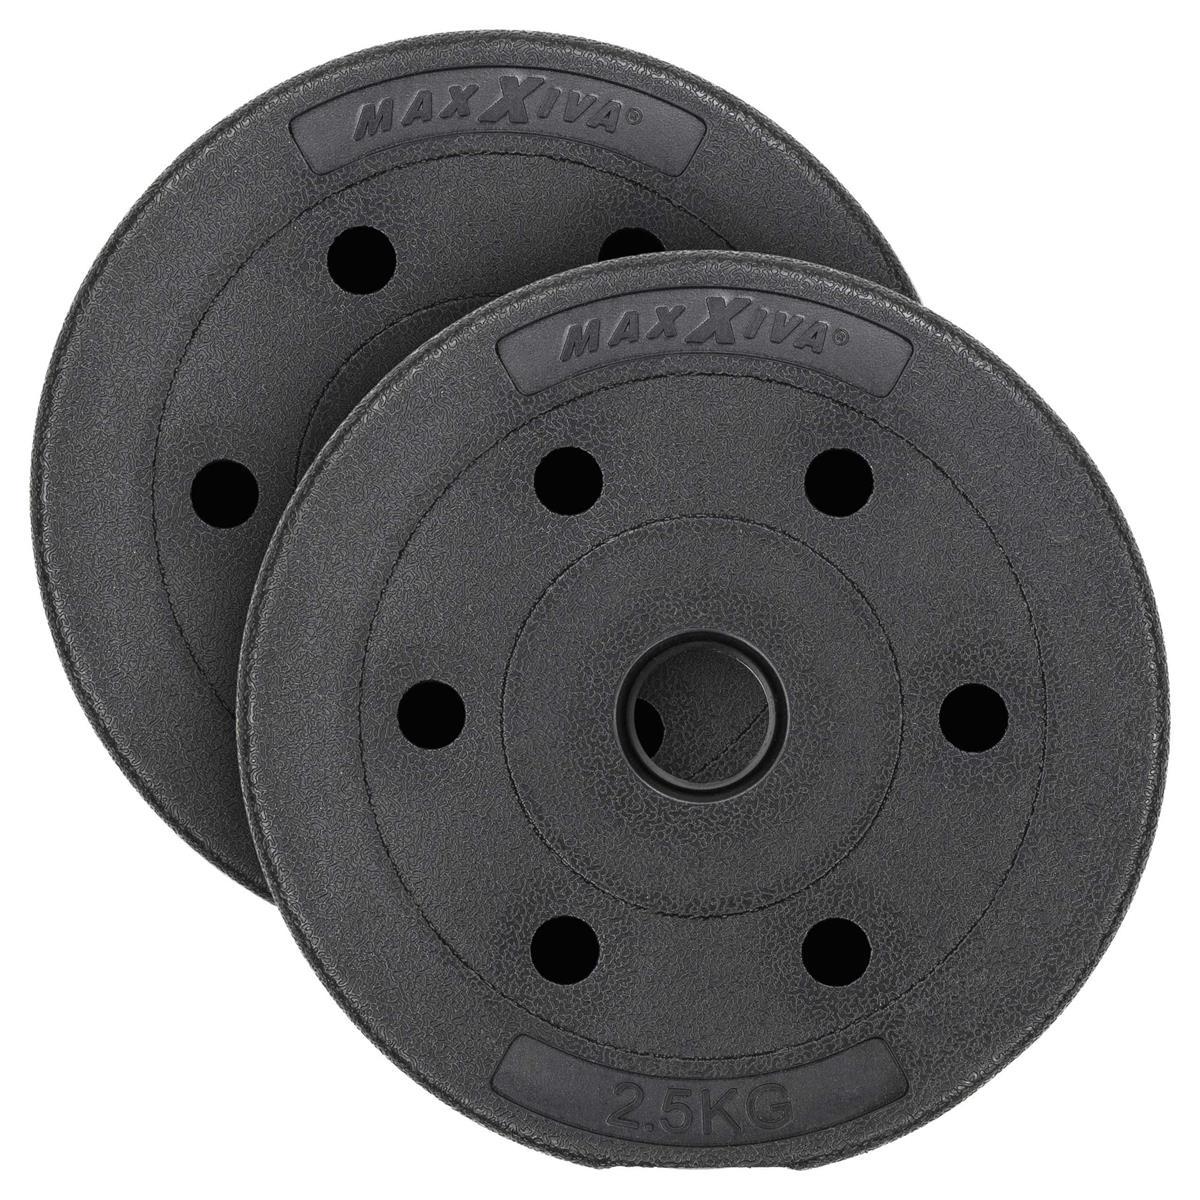 MAXXIVA Hantelscheiben Set Zement 2x2,5kg Gewichte schwarz Gewichtsscheiben